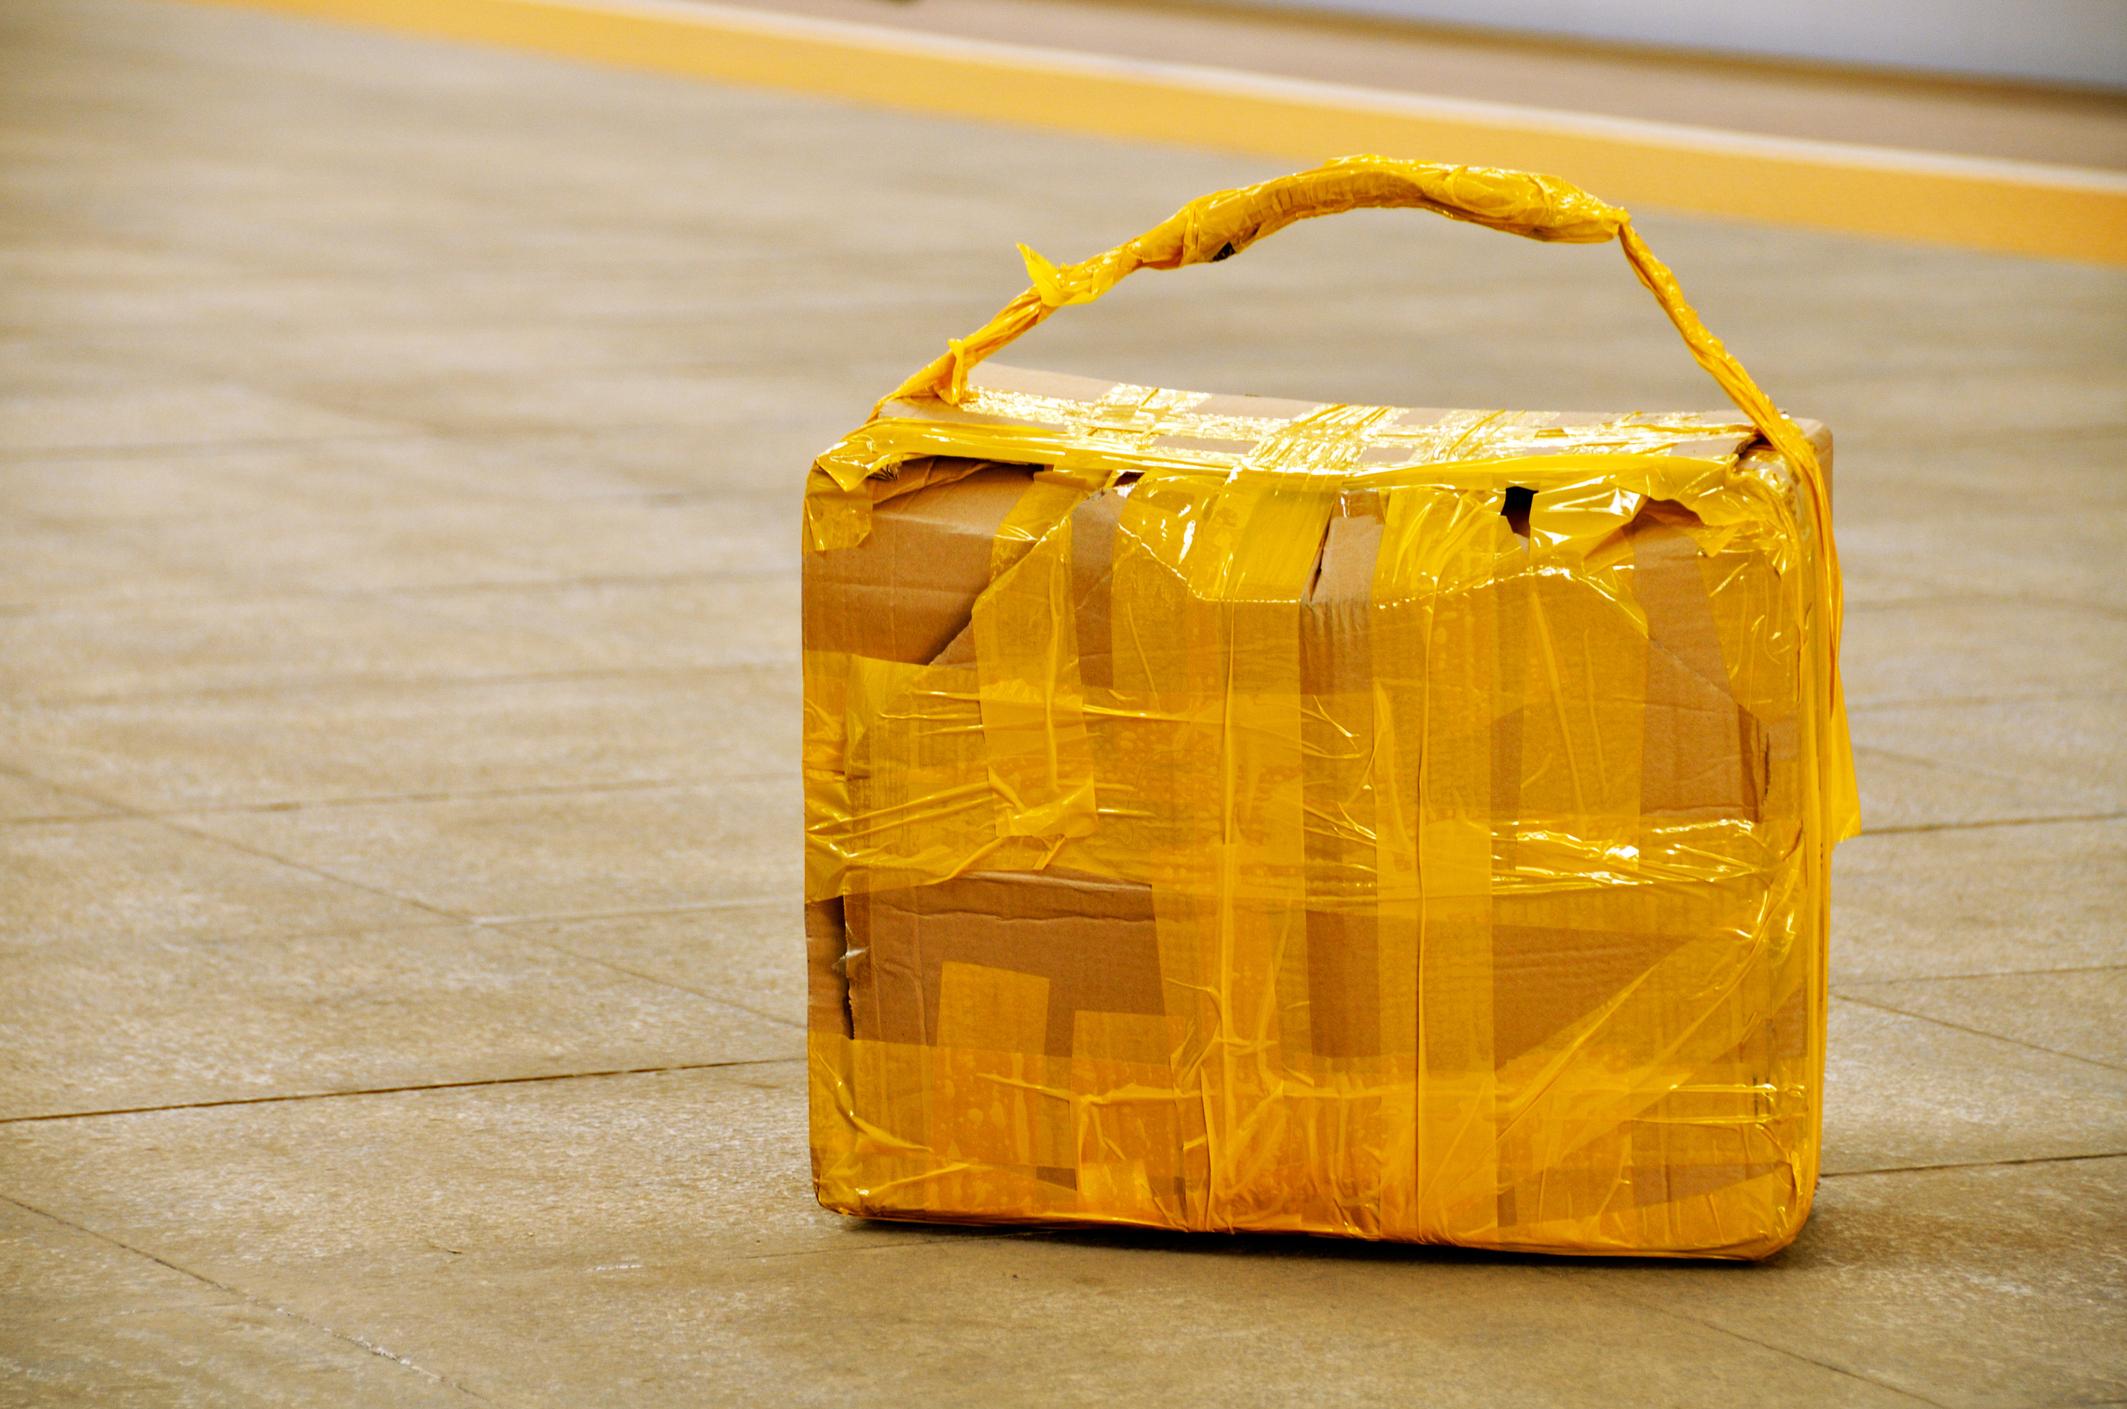 Jak wysłać paczki o niestandardowych kształtach?